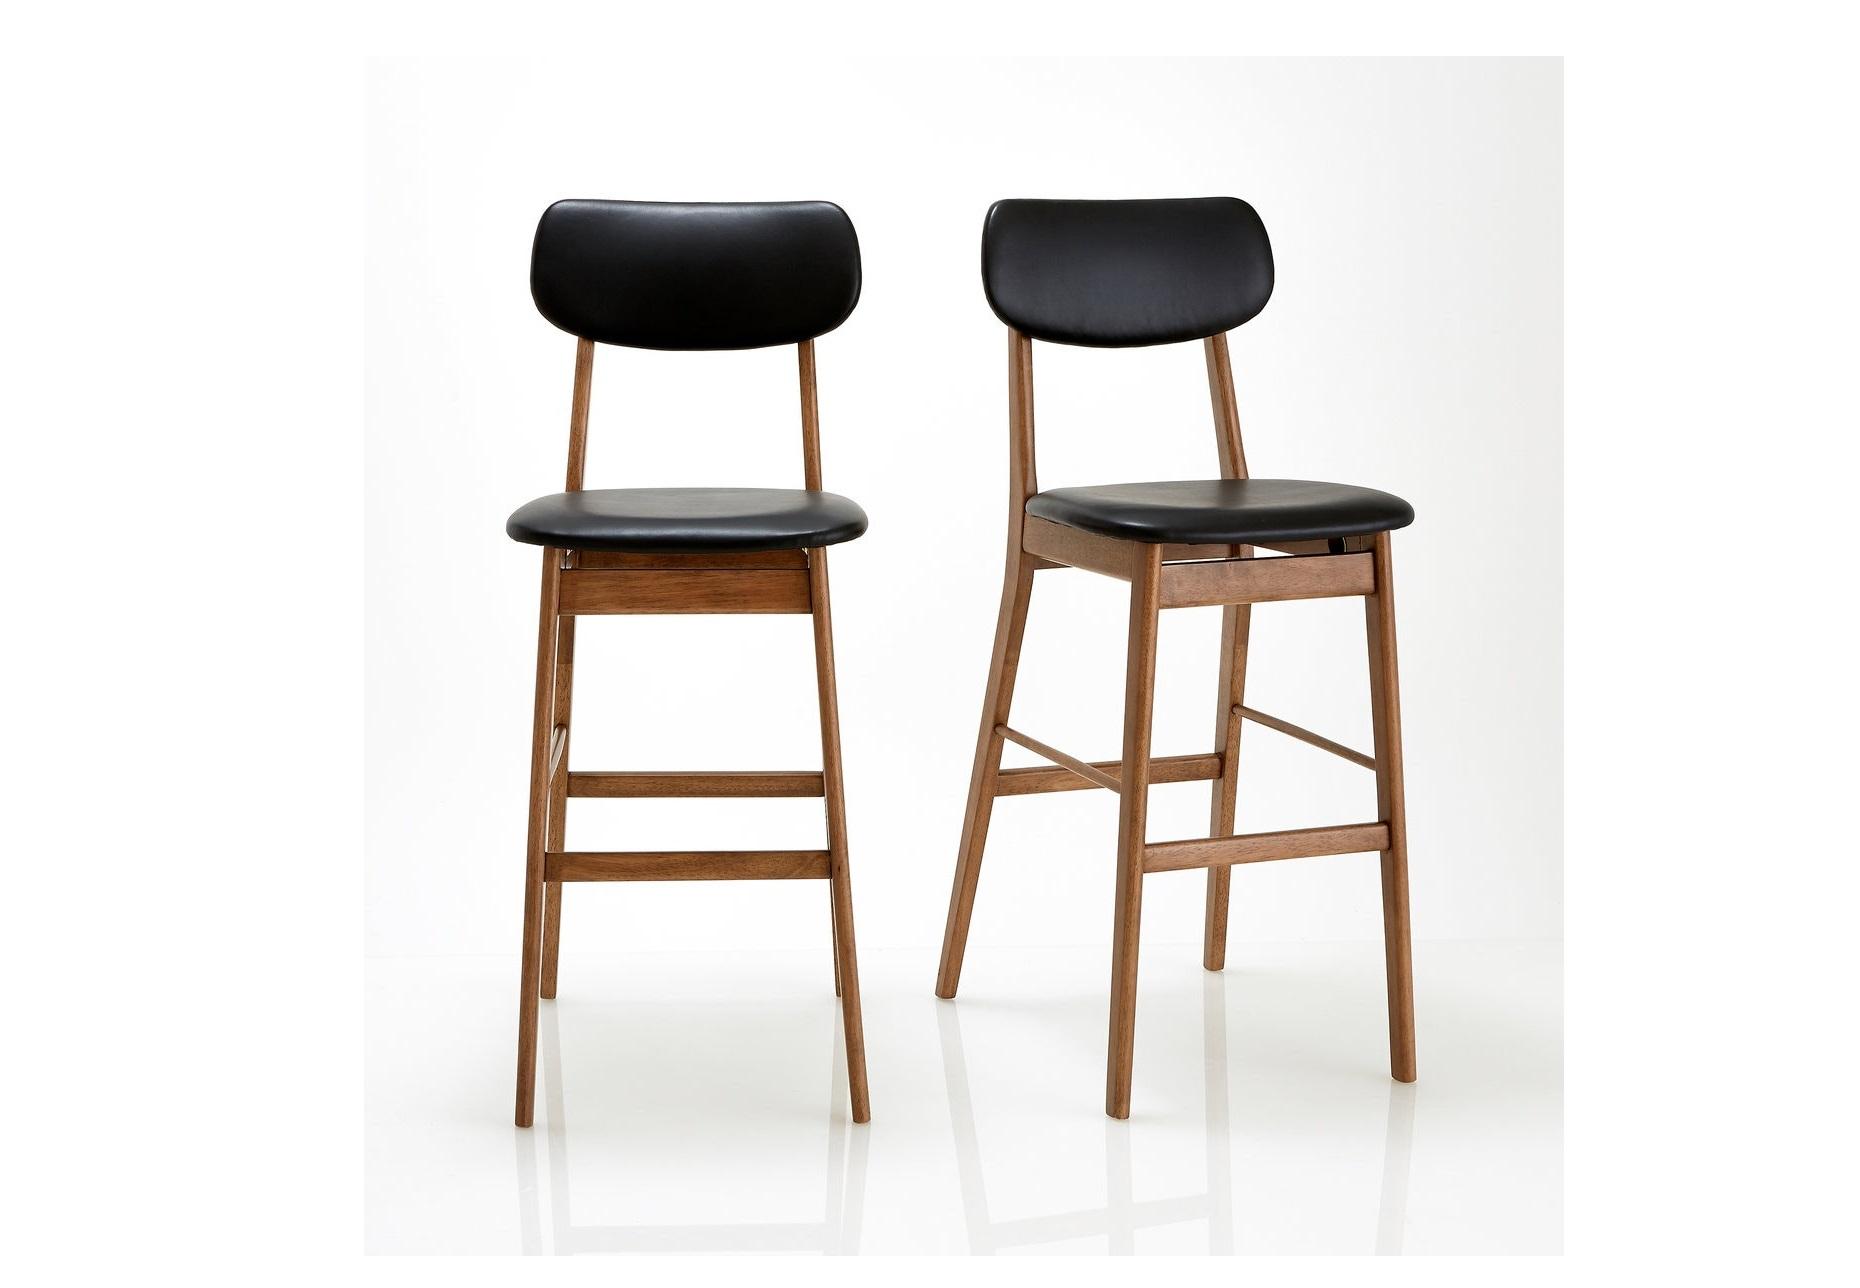 Набор барных стульев watford (laredoute) черный 44x110x61 см.